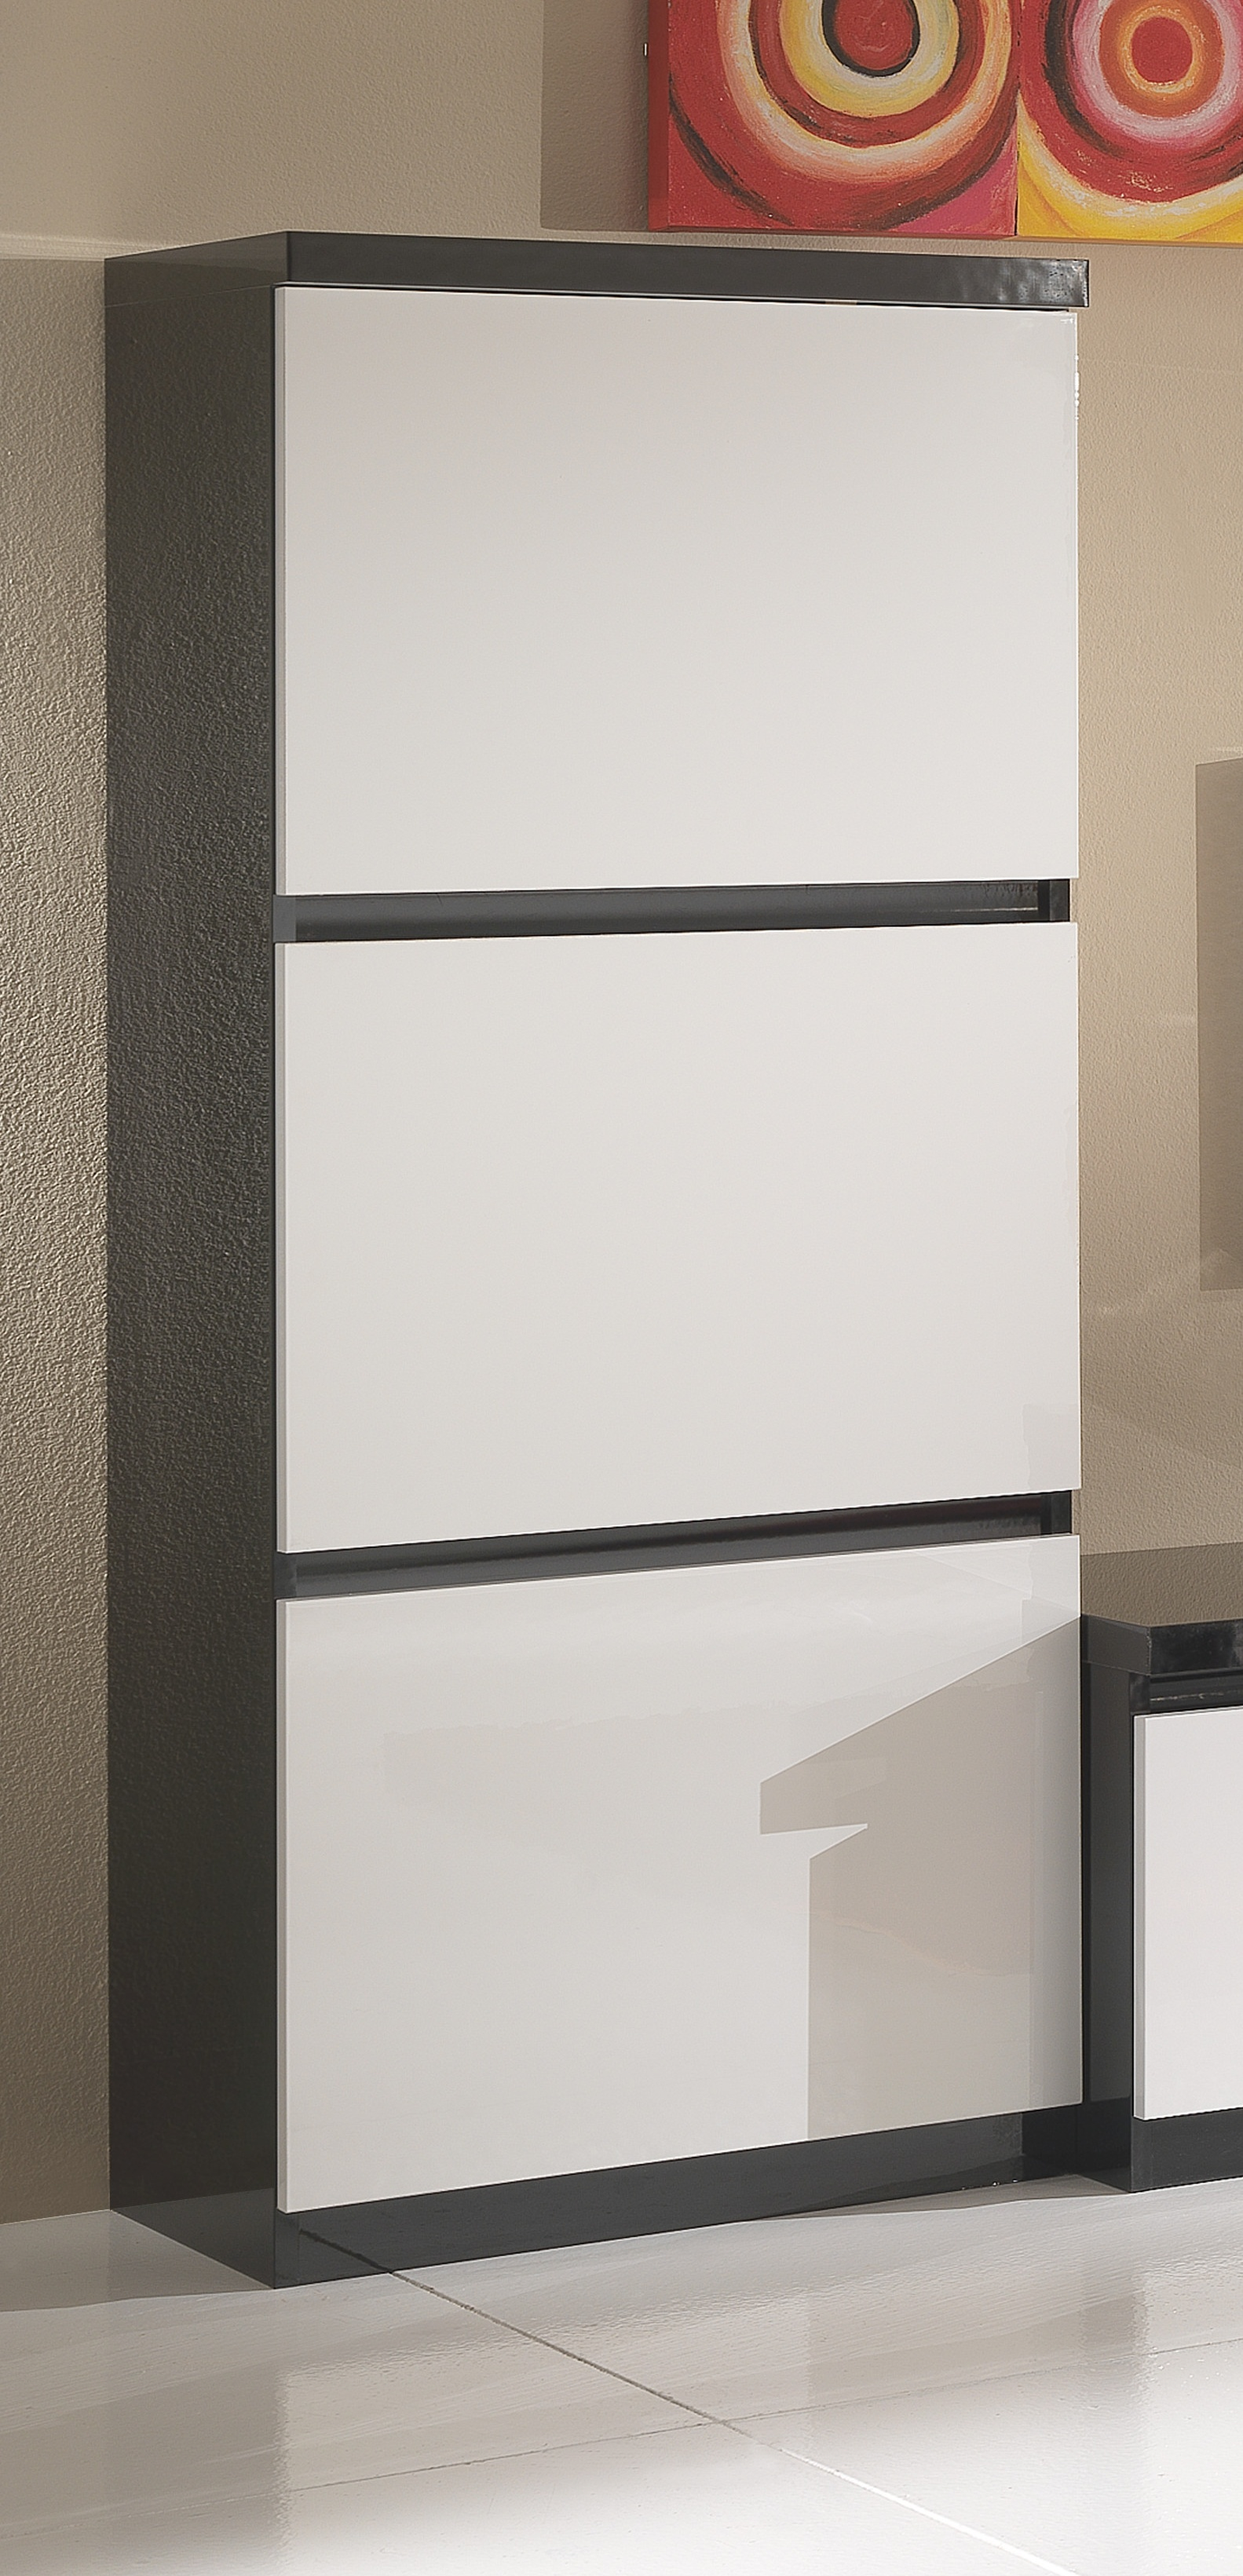 Colonne 1 porte design laquée noire et blanche Krista